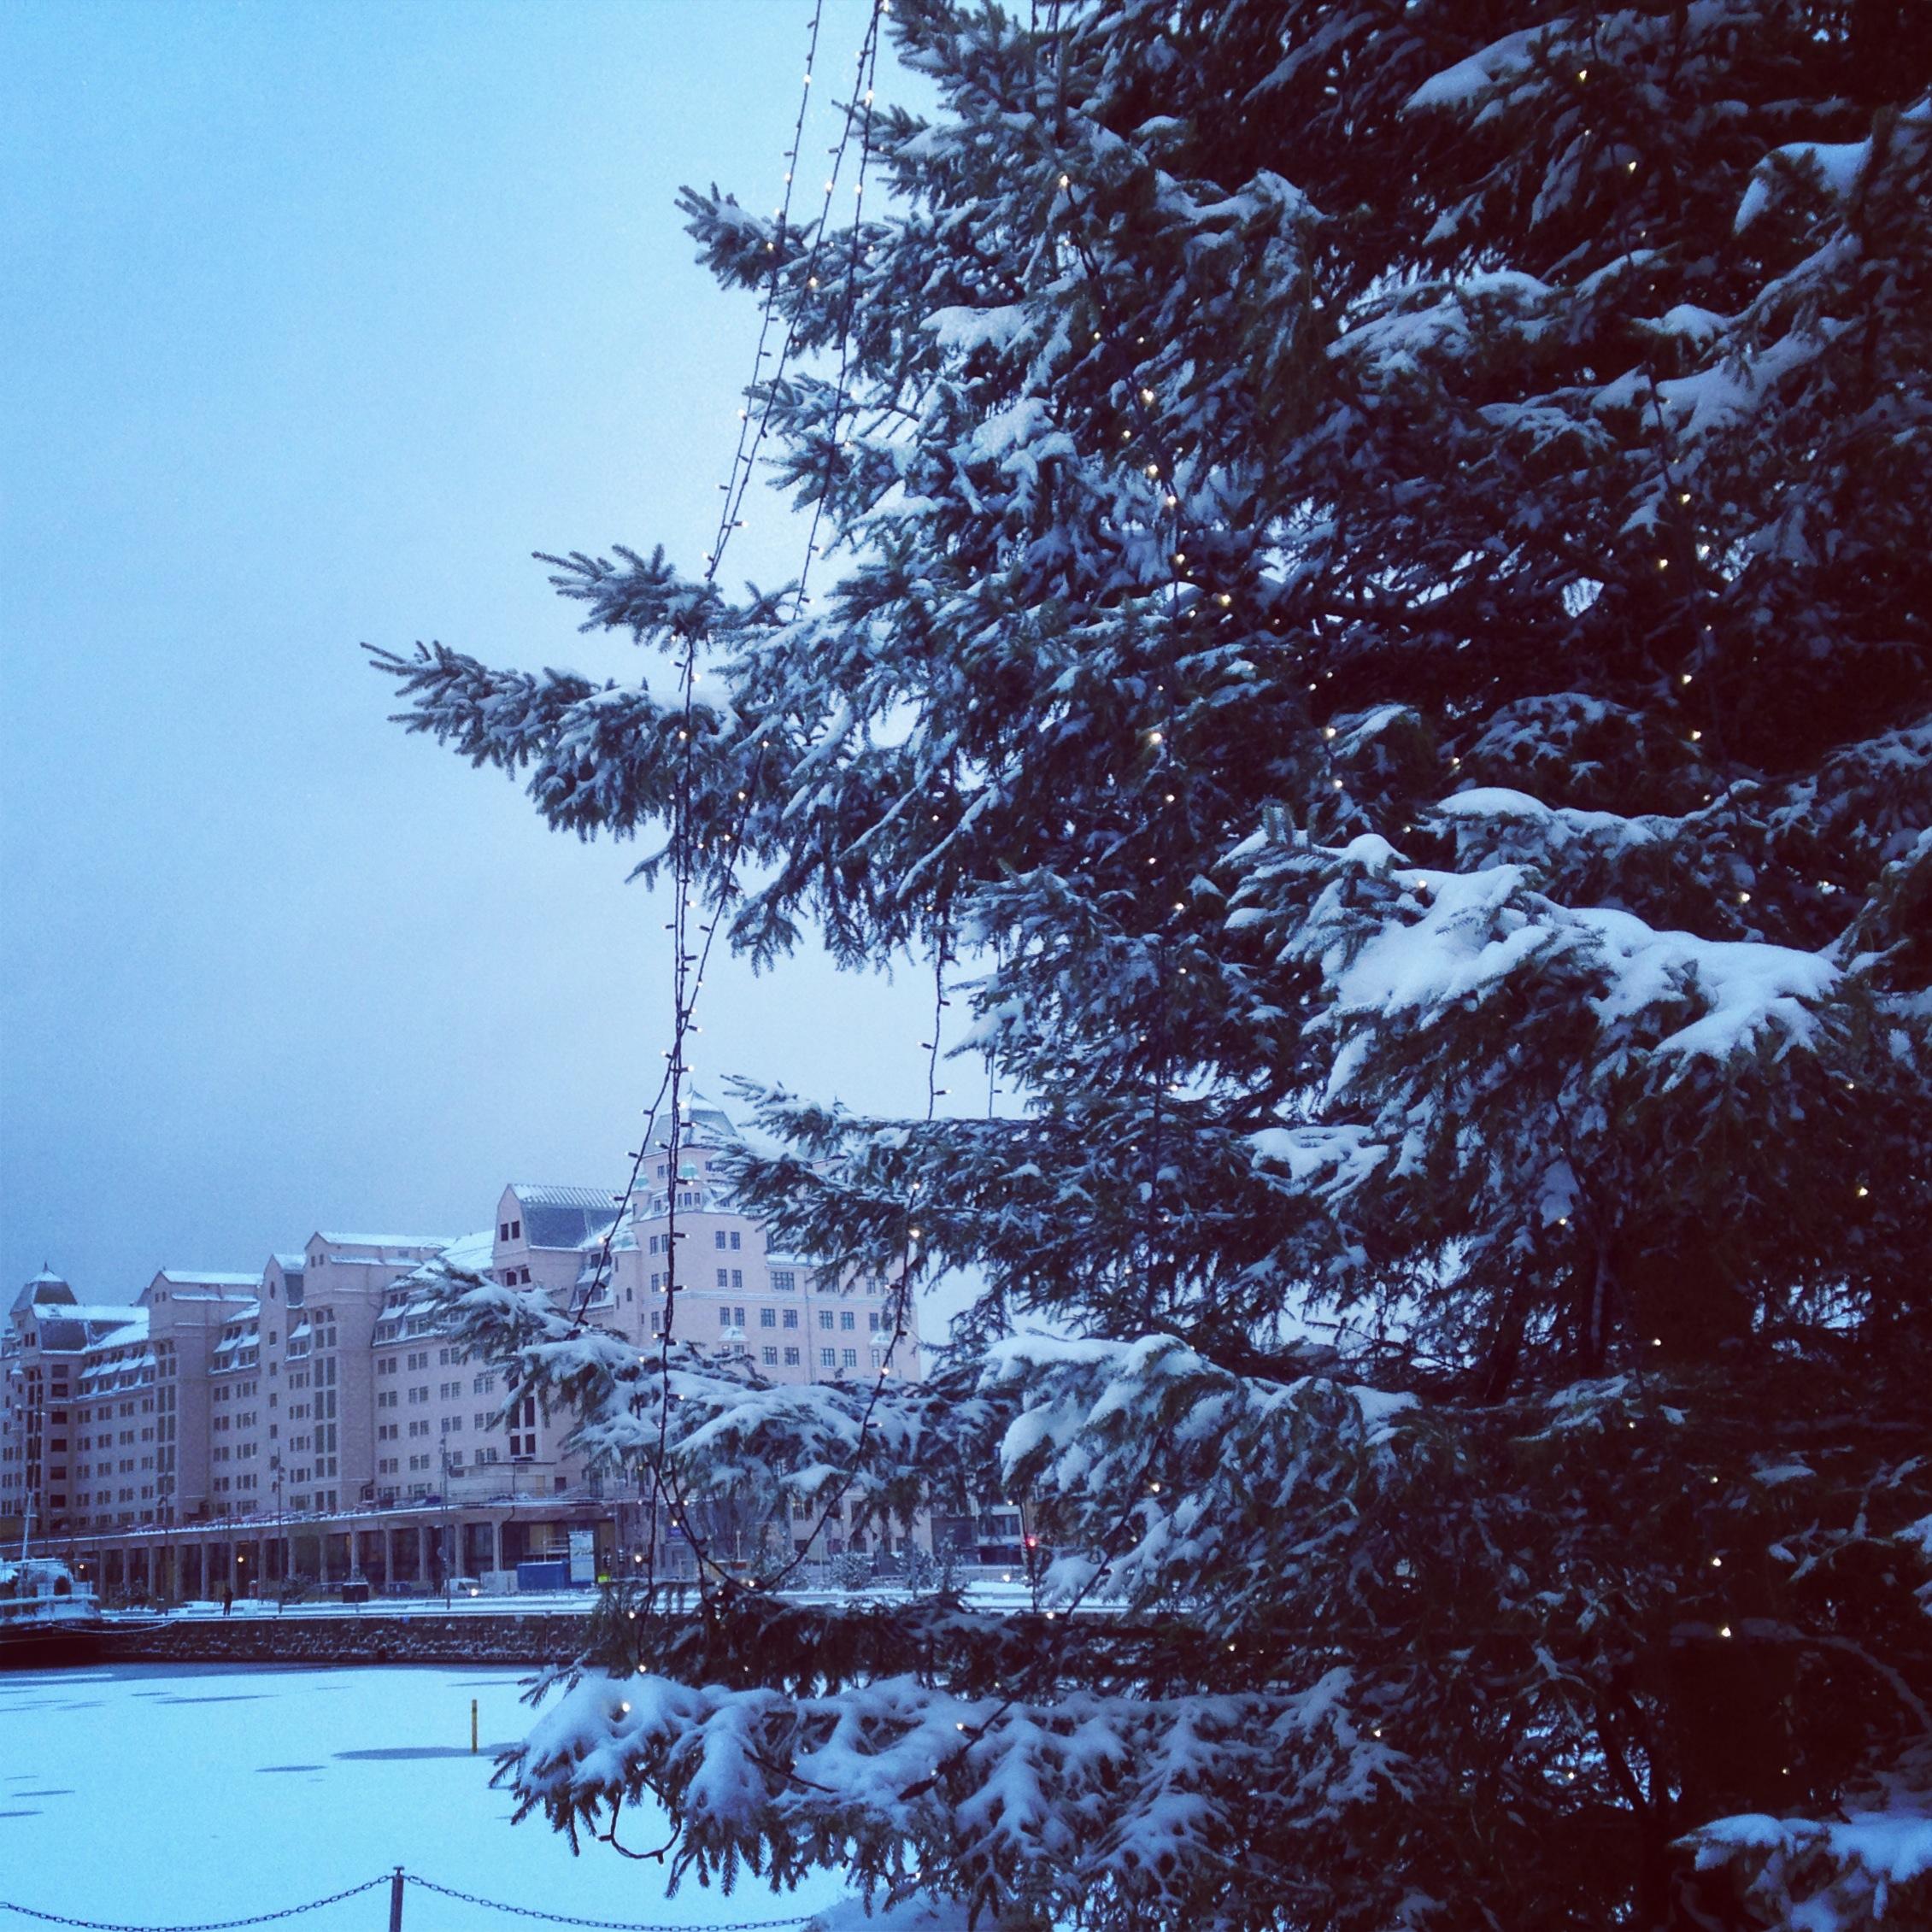 Oslo i Norge under jul